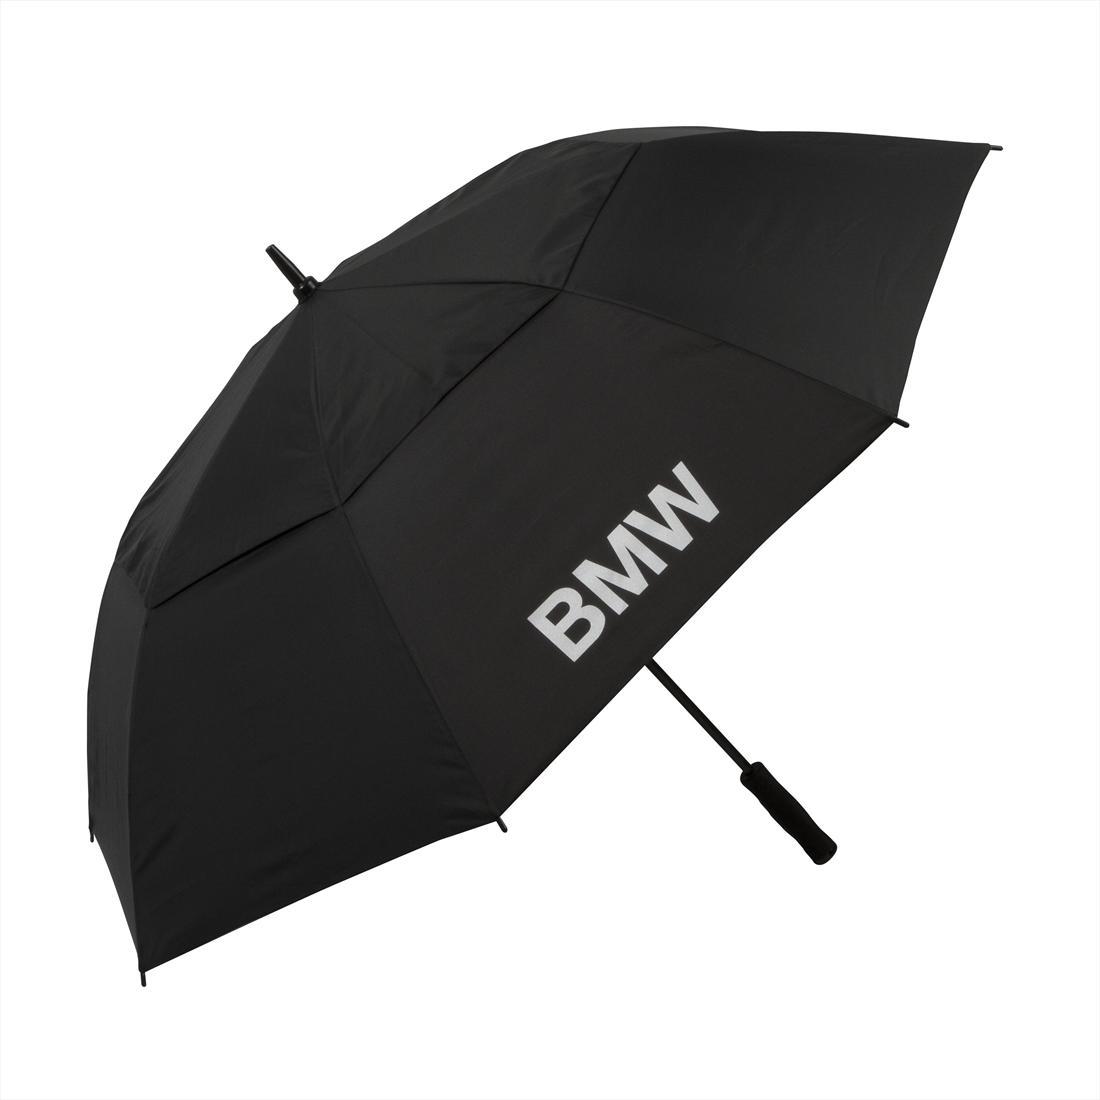 Shopbmwusa Com Bmw Golf Umbrella